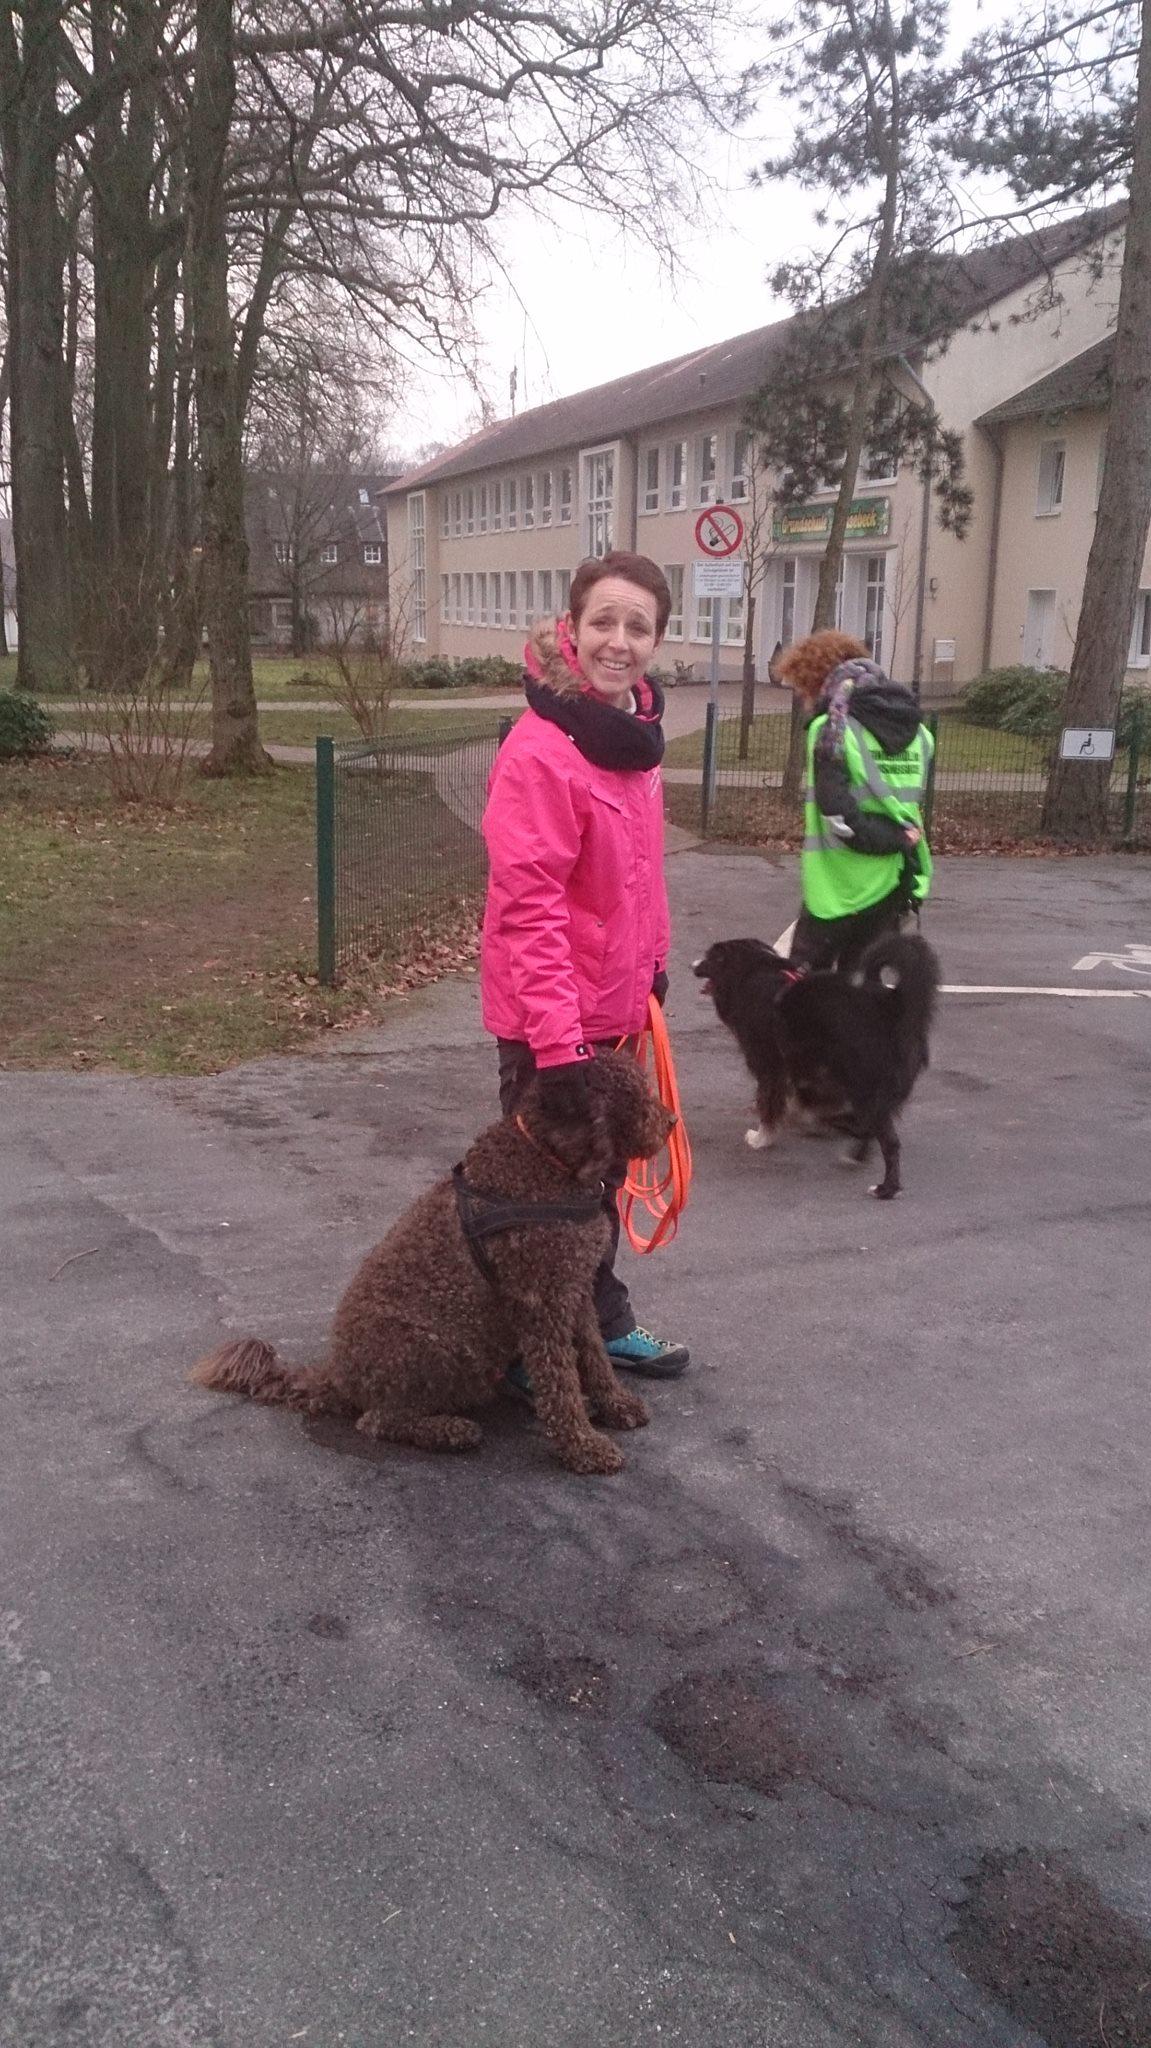 Conny und Peppy lächeln in die Kamera, die richtige Trainingsstimmung :-)